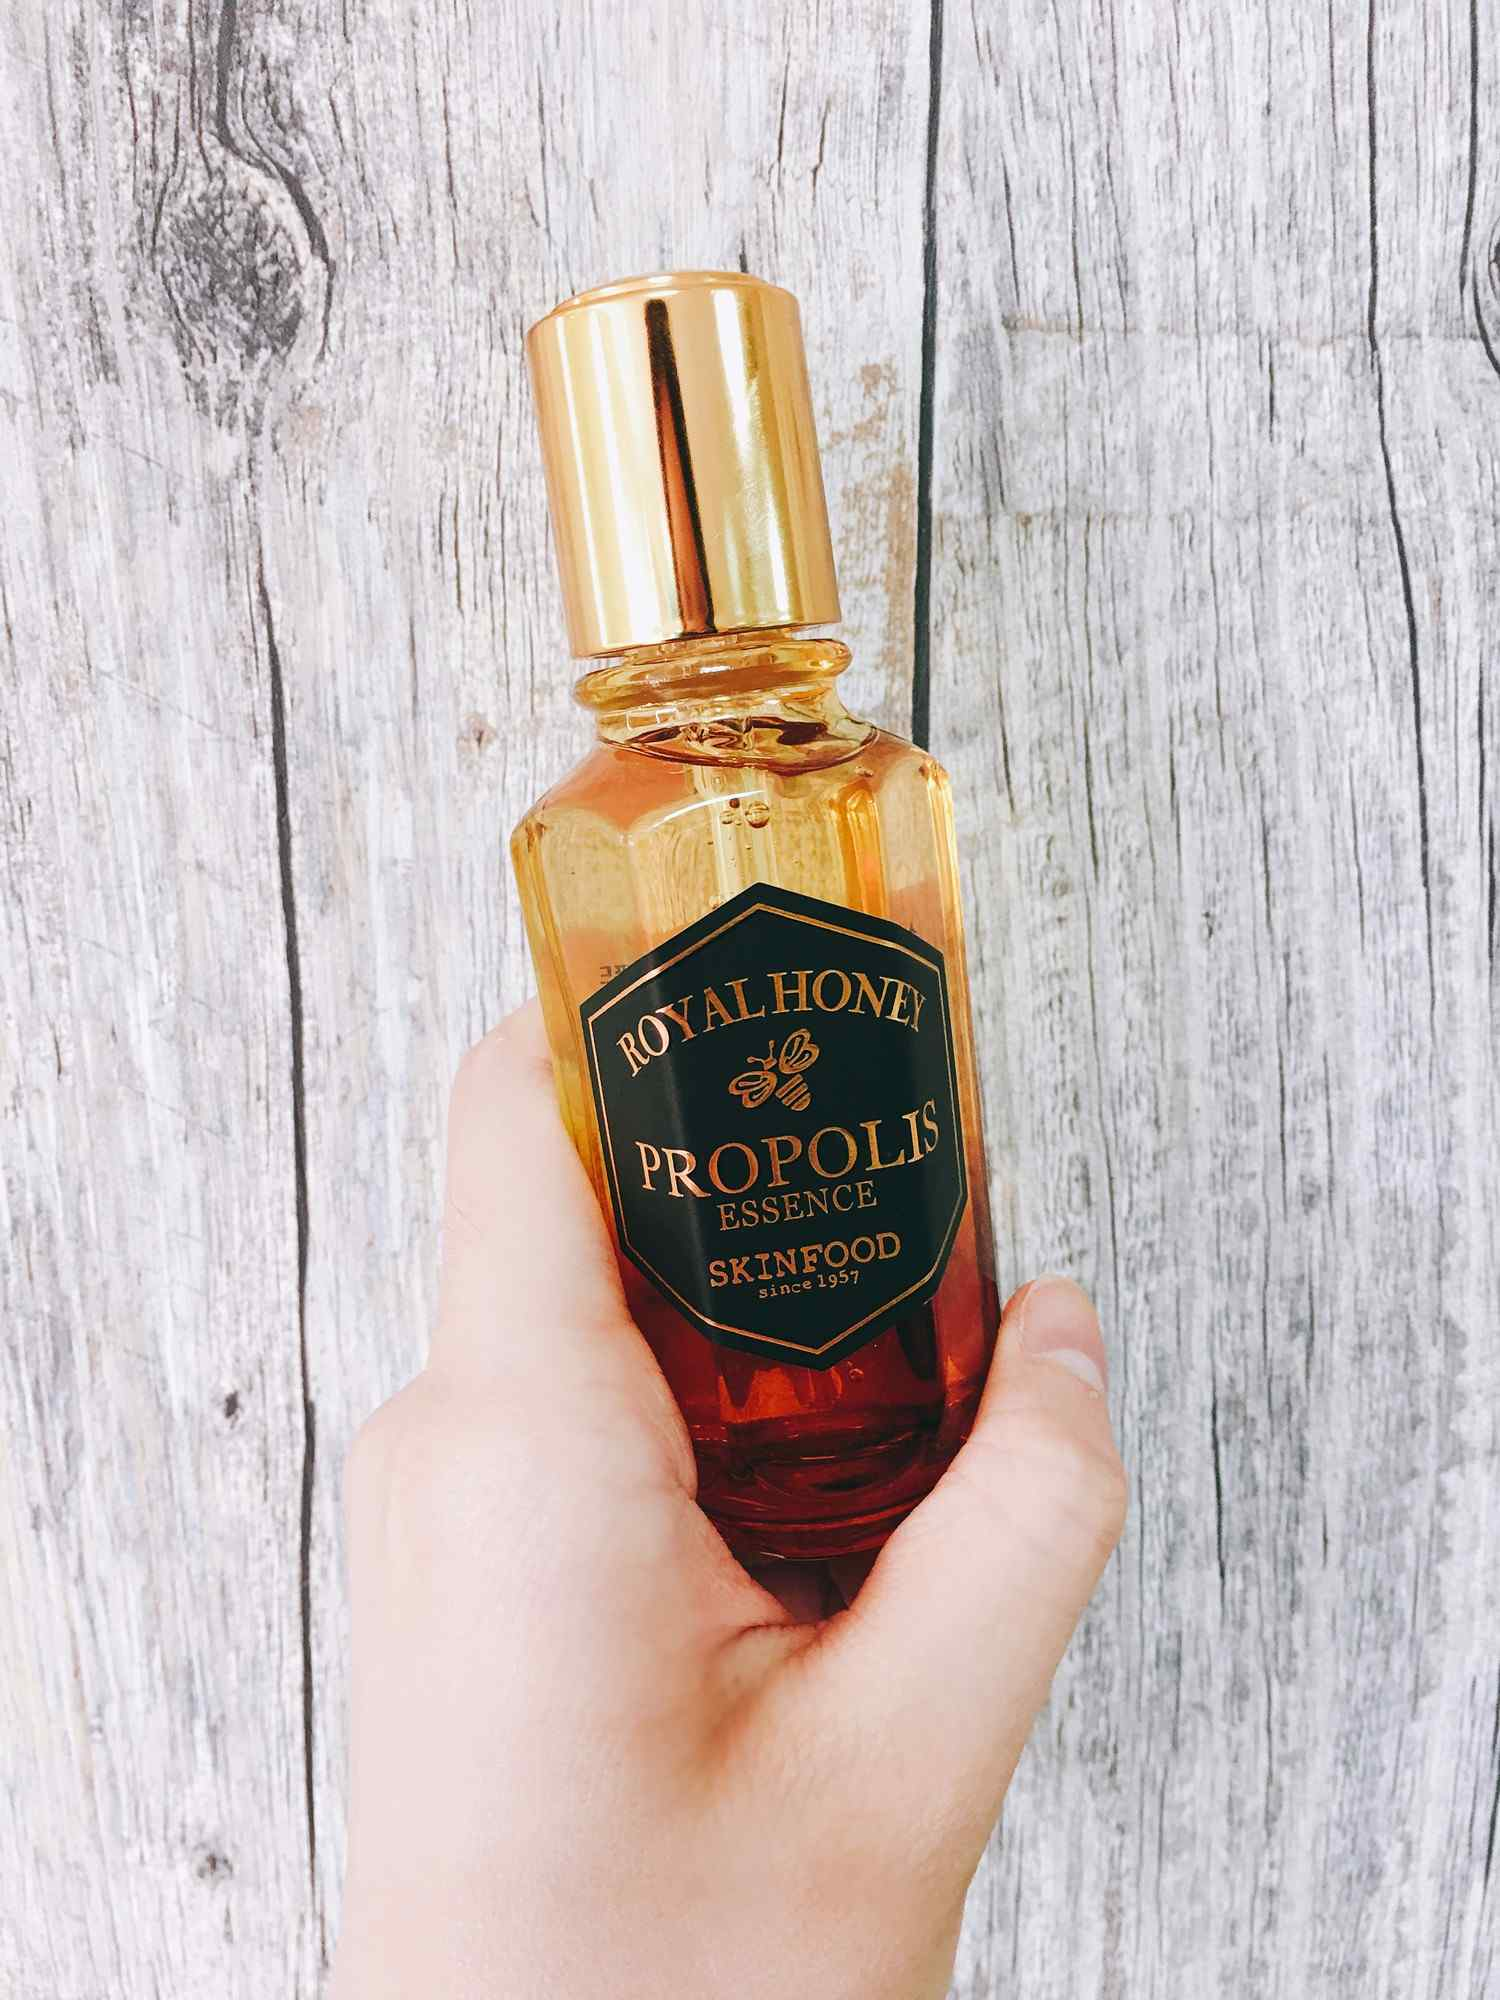 首先是「蜂潤女王修護精華」,50%高濃度親膚性極佳的黑蜂膠,同時融合20%蜂王漿和10%皇家黑蜂蜜萃取,集結抗氧、保濕、修護功效,豐沛水量可以持續24小時的保濕,讓肌膚有滿滿潤澤感。